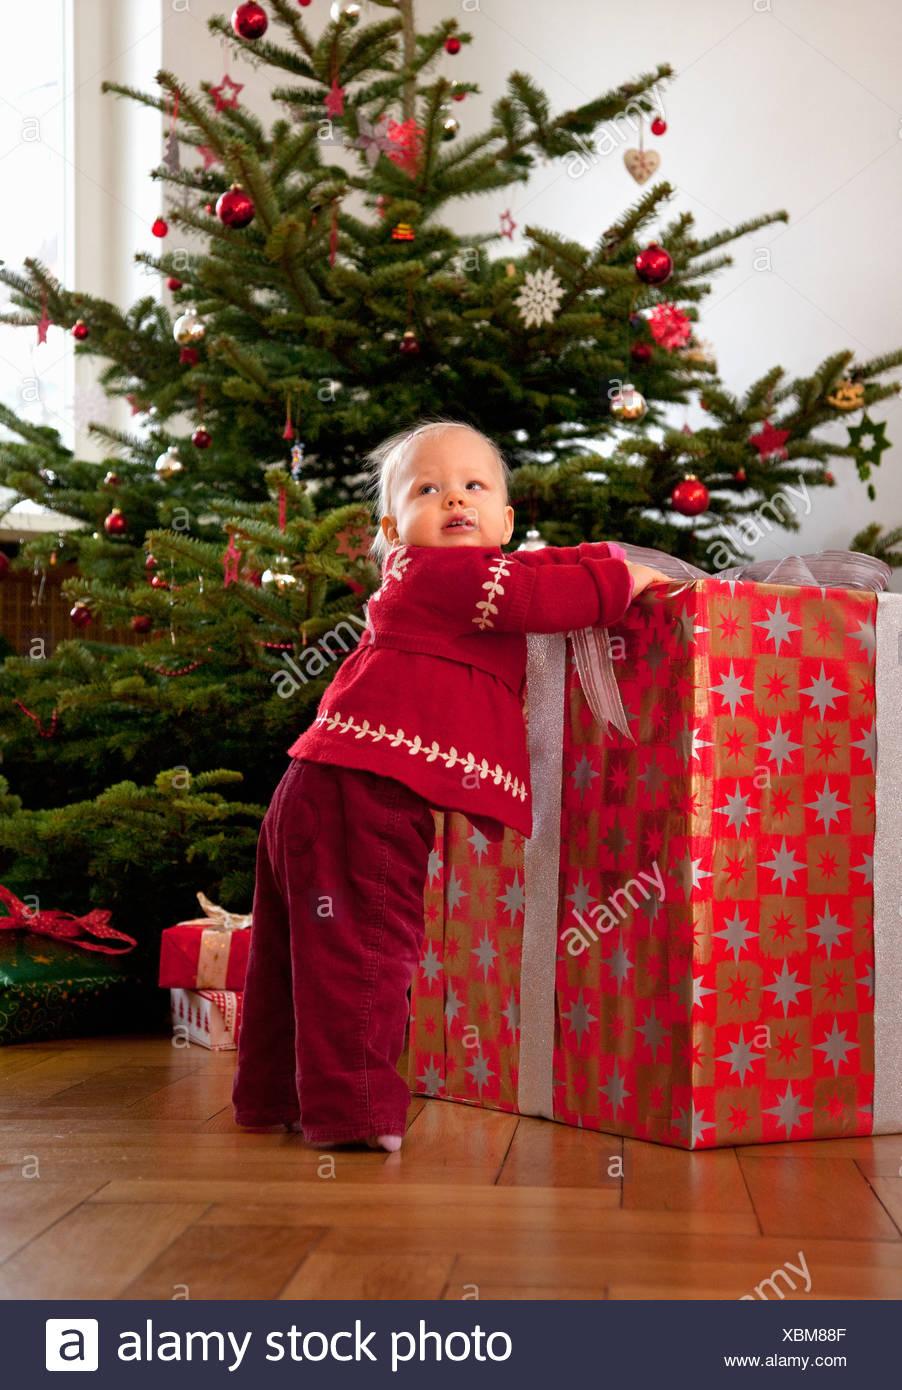 Babymädchen mit große Weihnachtsgeschenk Stockfoto, Bild: 282572655 ...